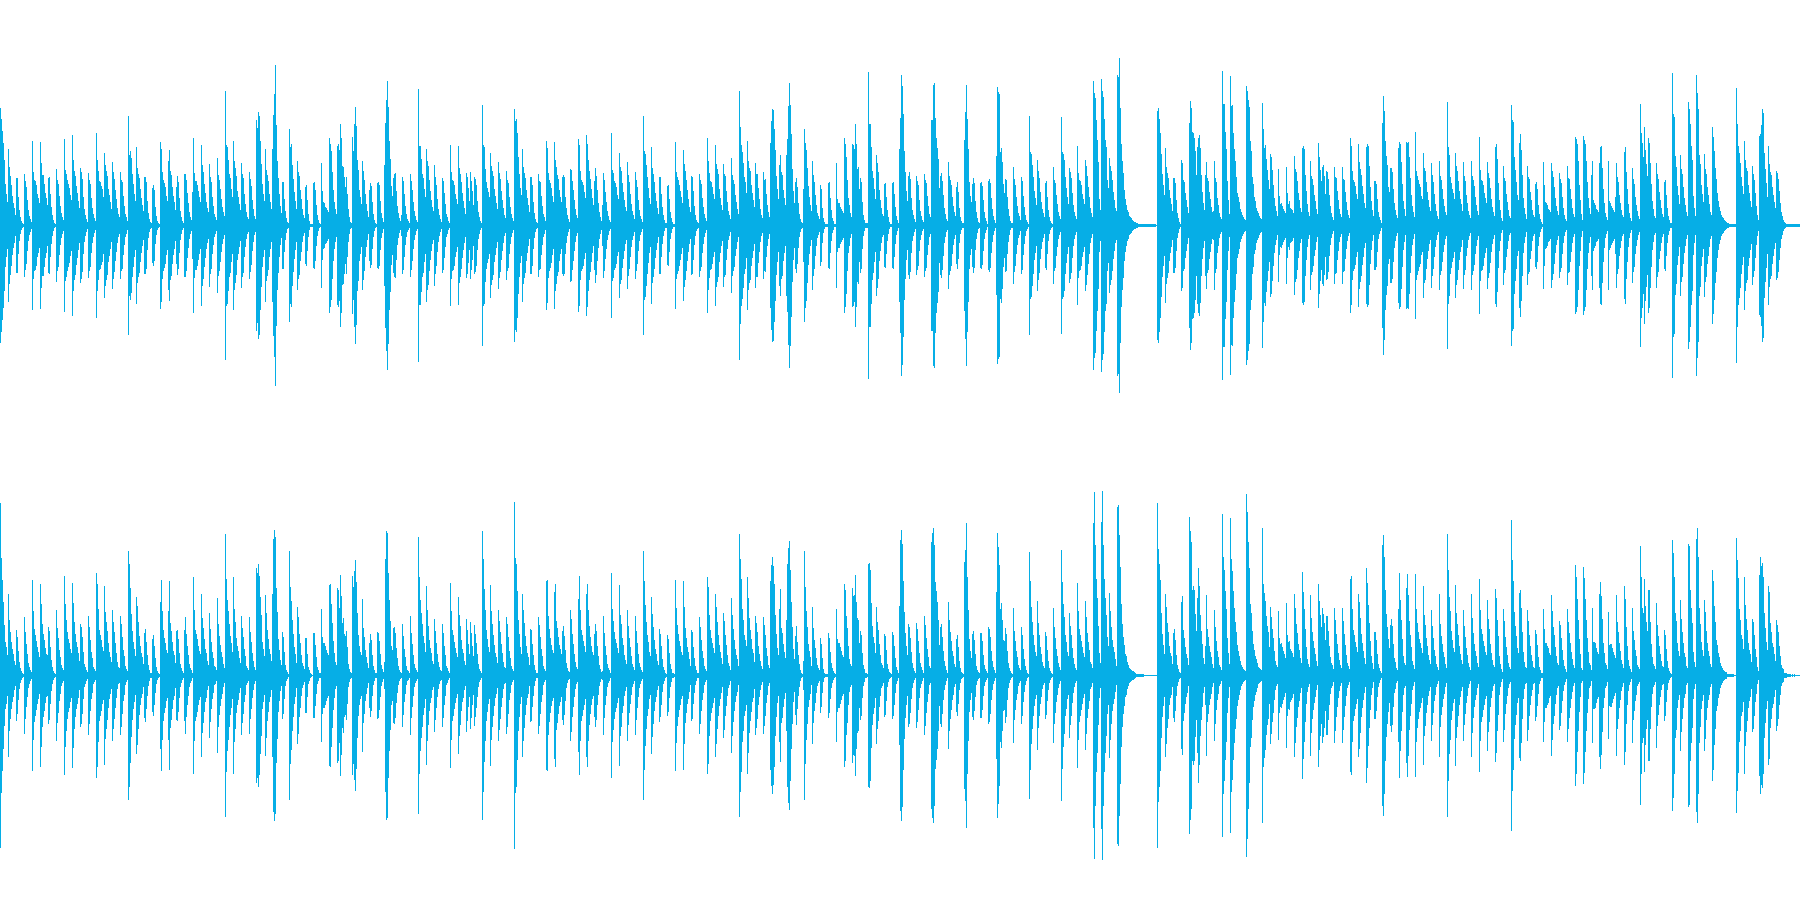 マリンバでループする牧歌的インストの再生済みの波形